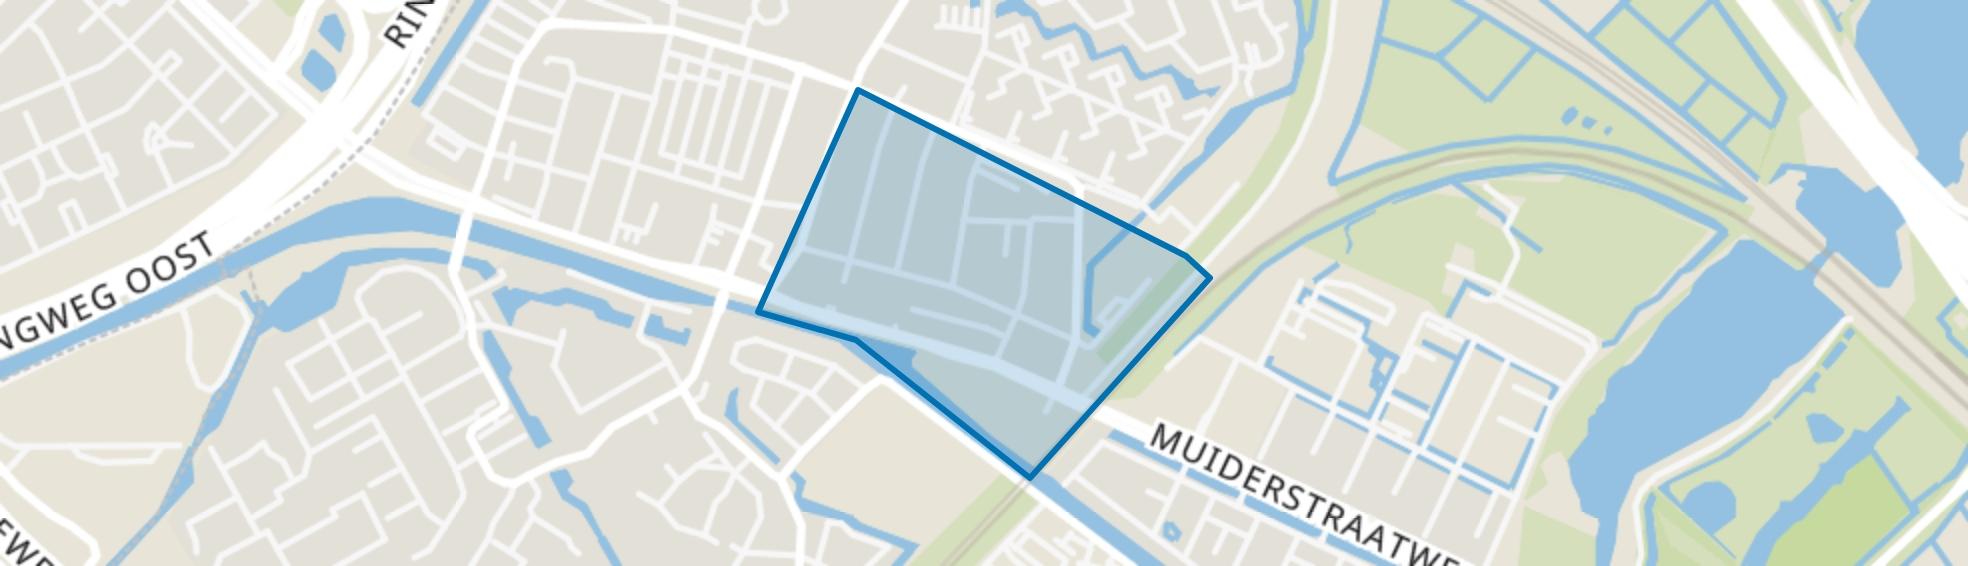 Centrum Oost, Diemen map